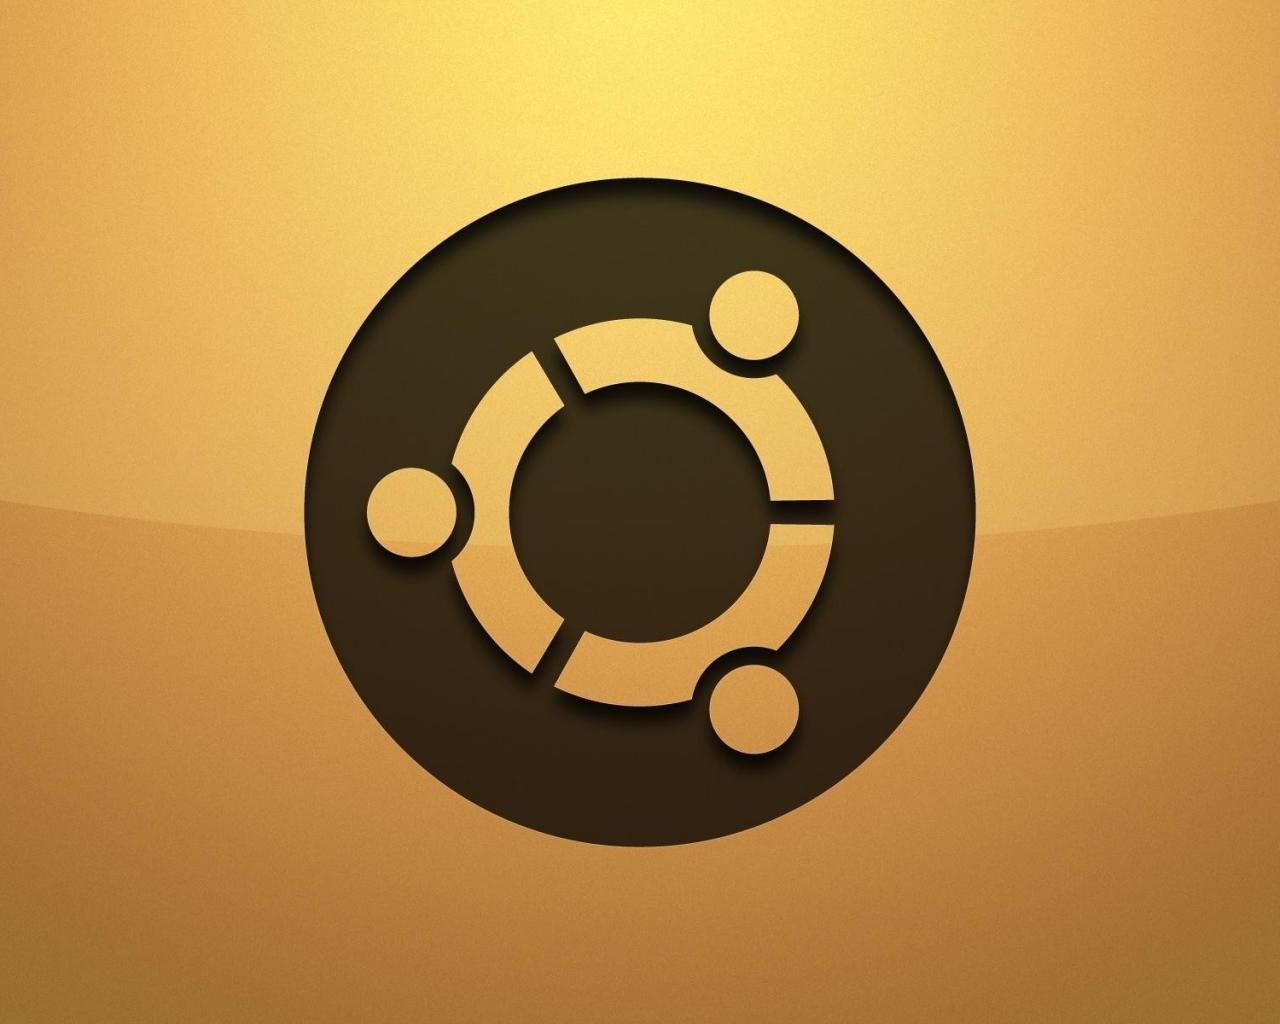 Logo de Ubuntu - 1280x1024